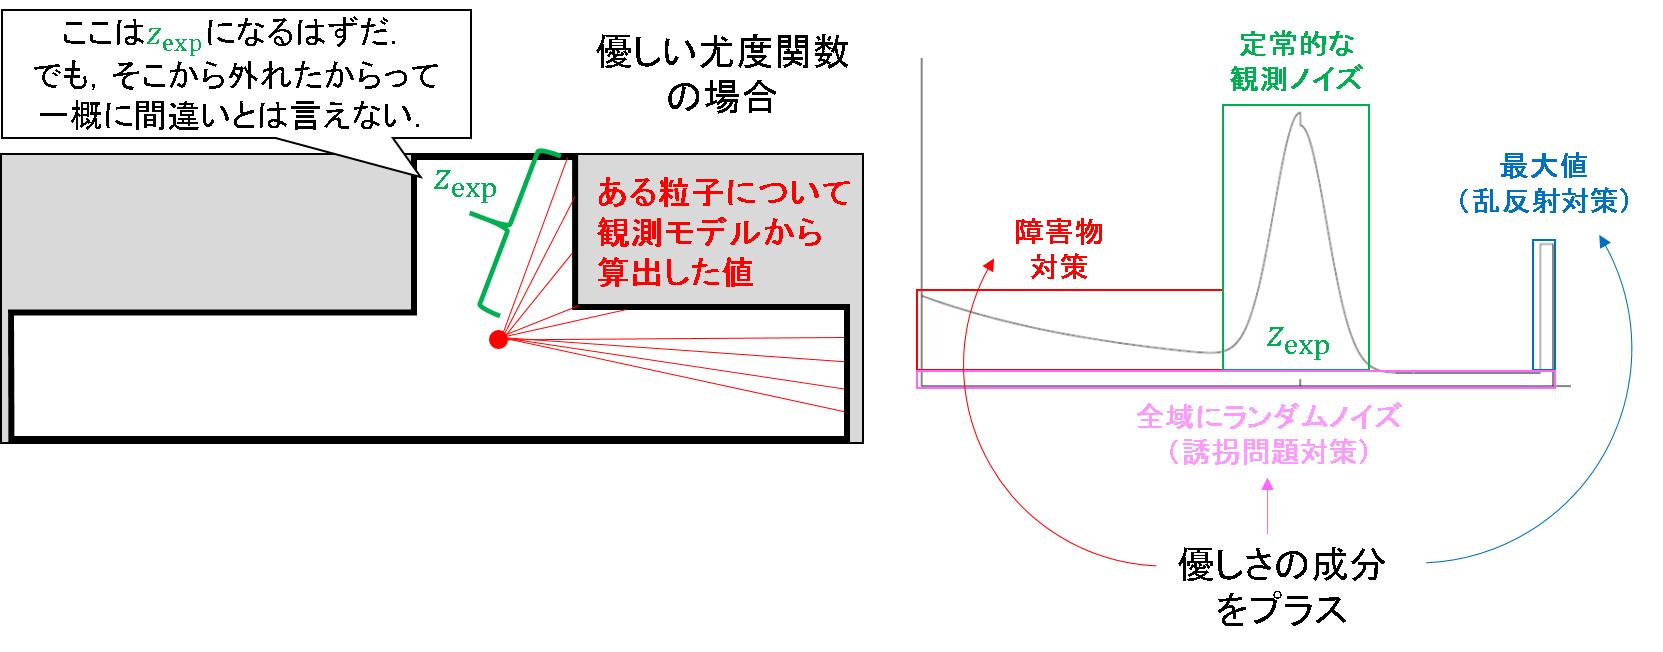 50_混合的な観測ノイズモデル.png